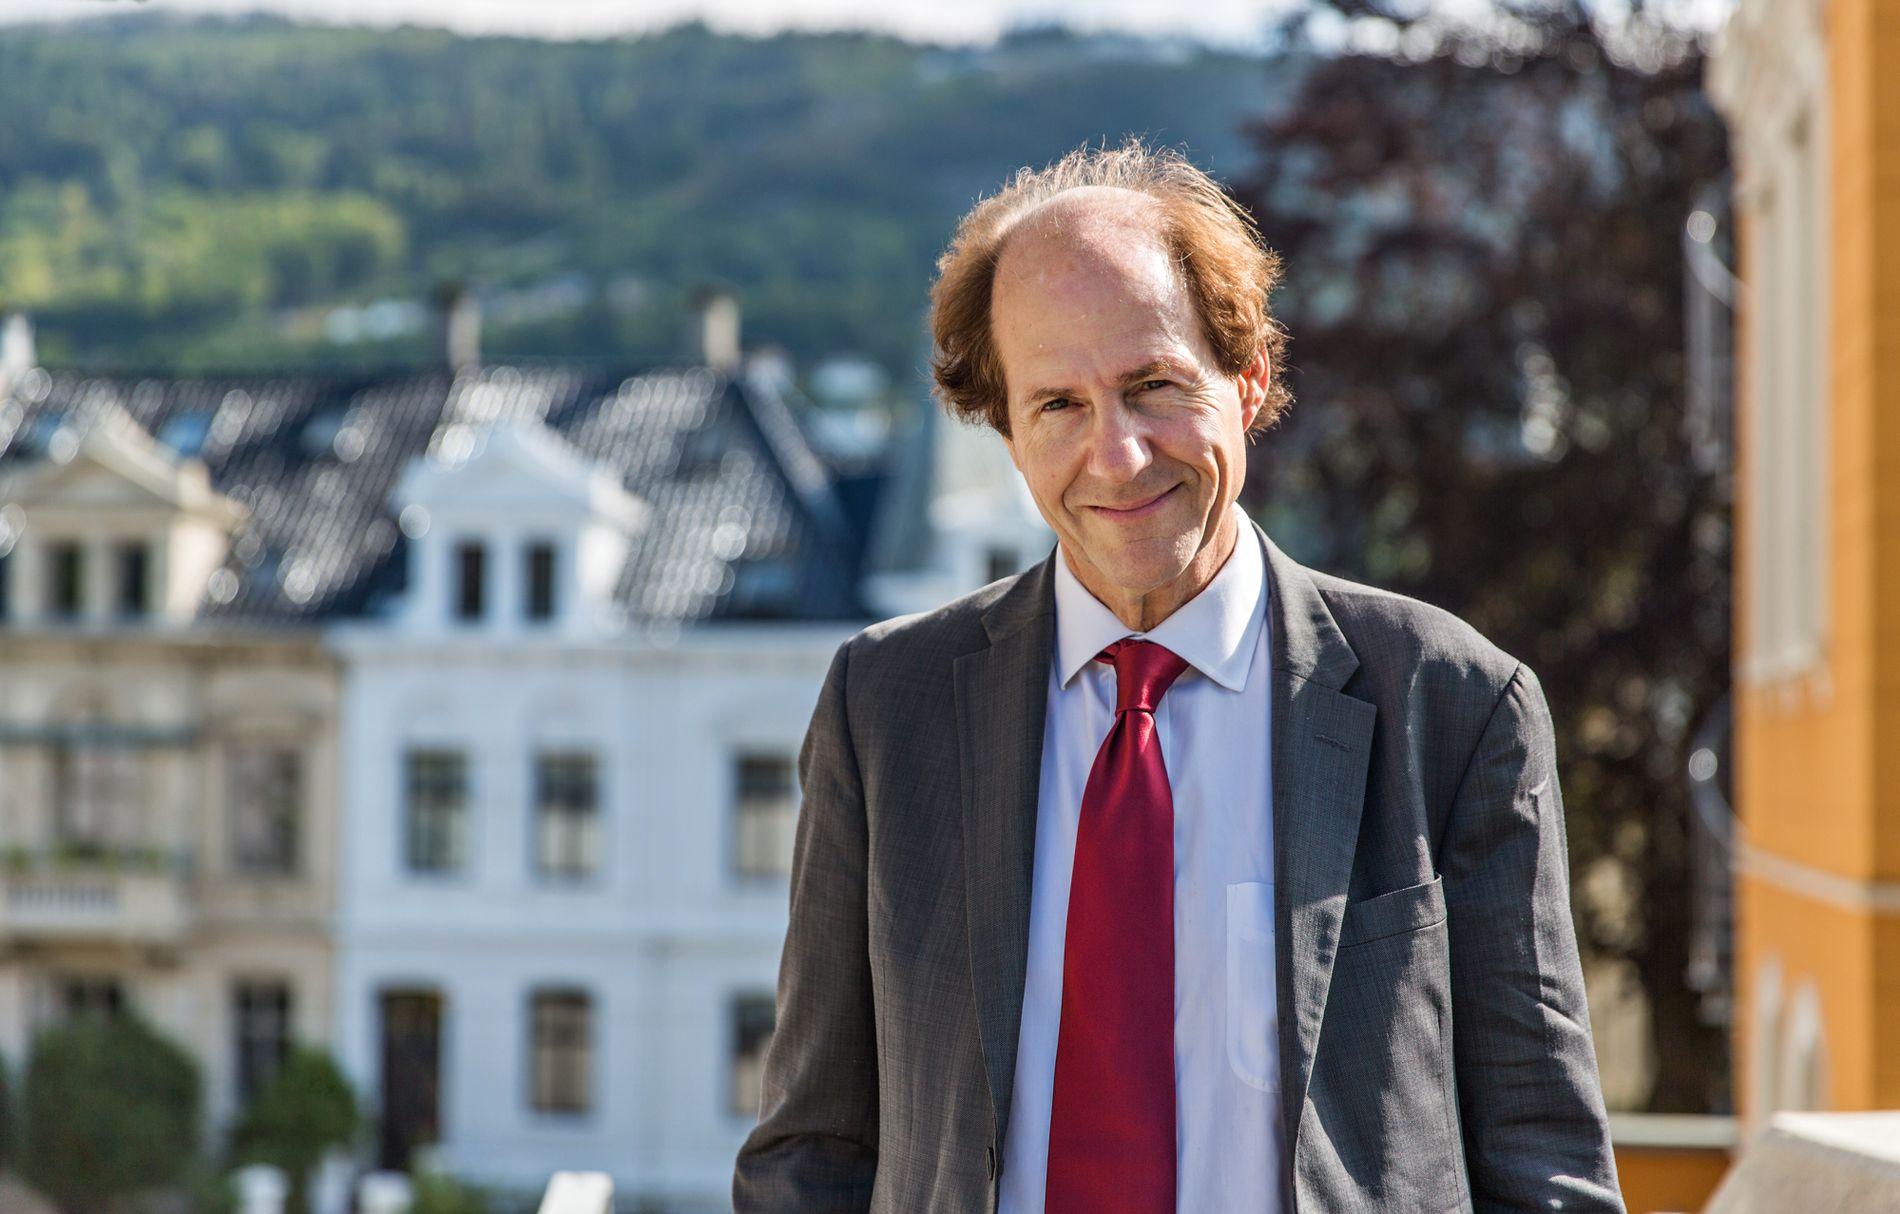 ALLSIDIG: Den amerikanske juristen Cass R. Sunstein får i dag Holbergprisen for sitt arbeid innen statsrett og demokratiteori, rettsvitenskap, atferdsøkonomi og offentlig politikk, forvaltningsrett og risikoregulering.